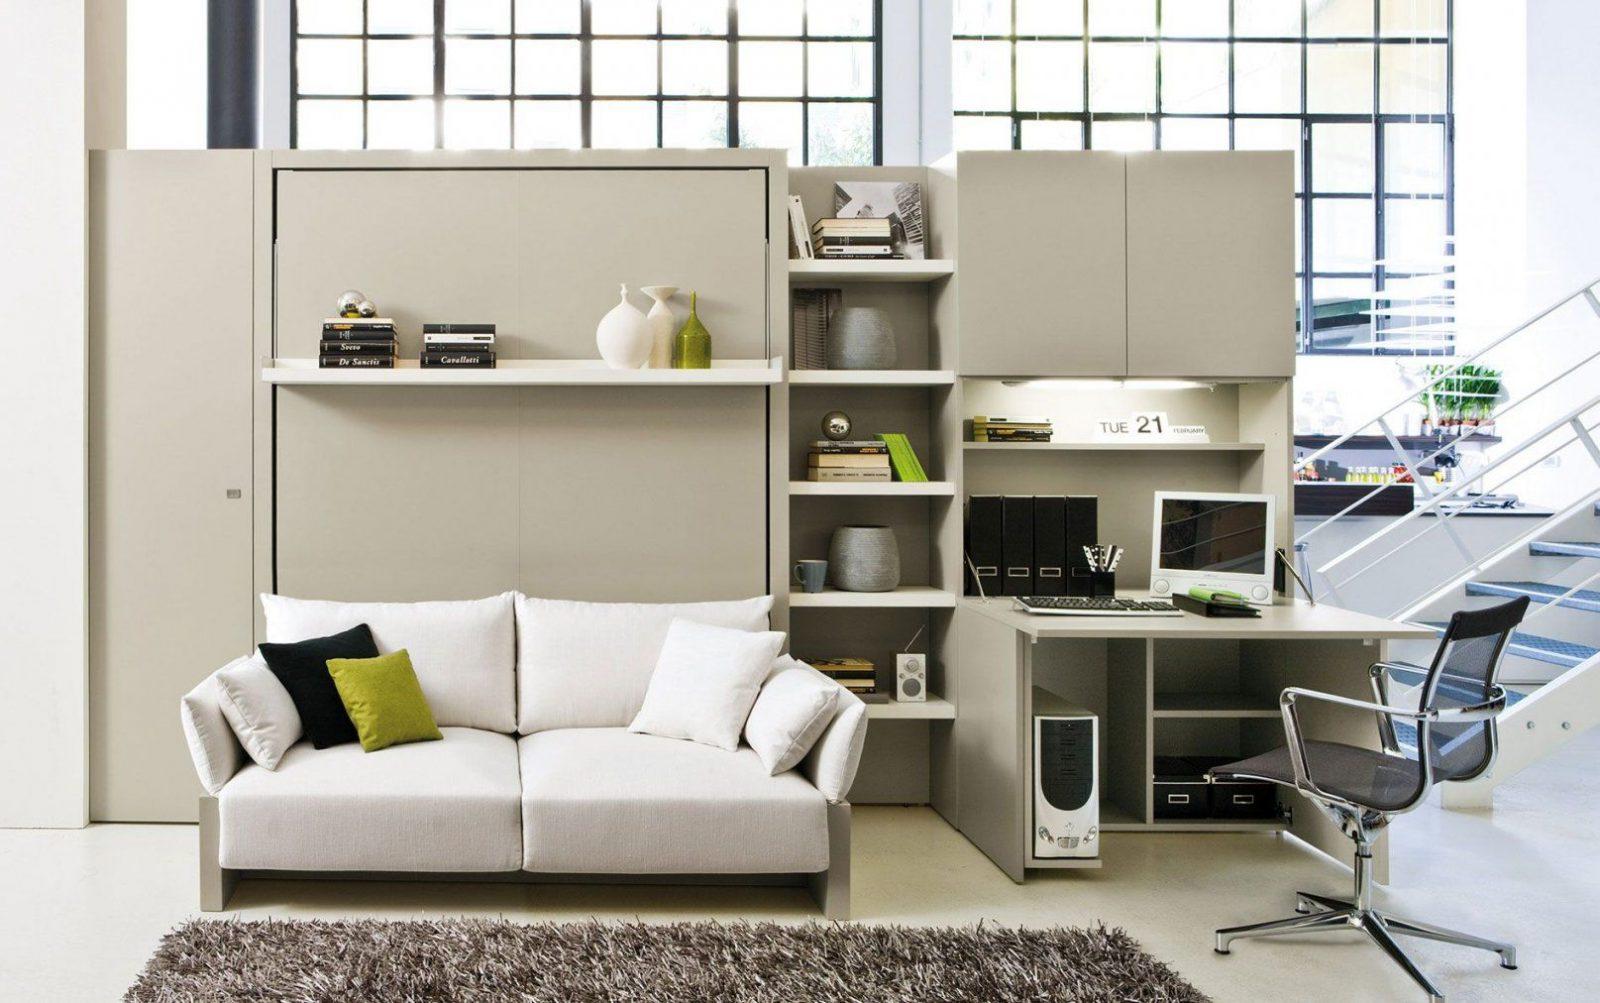 Schrankbett Sofa & Schreibtisch Nuovoliola System Jetzt Bestellen von Schrankbett Mit Integriertem Schreibtisch Bild